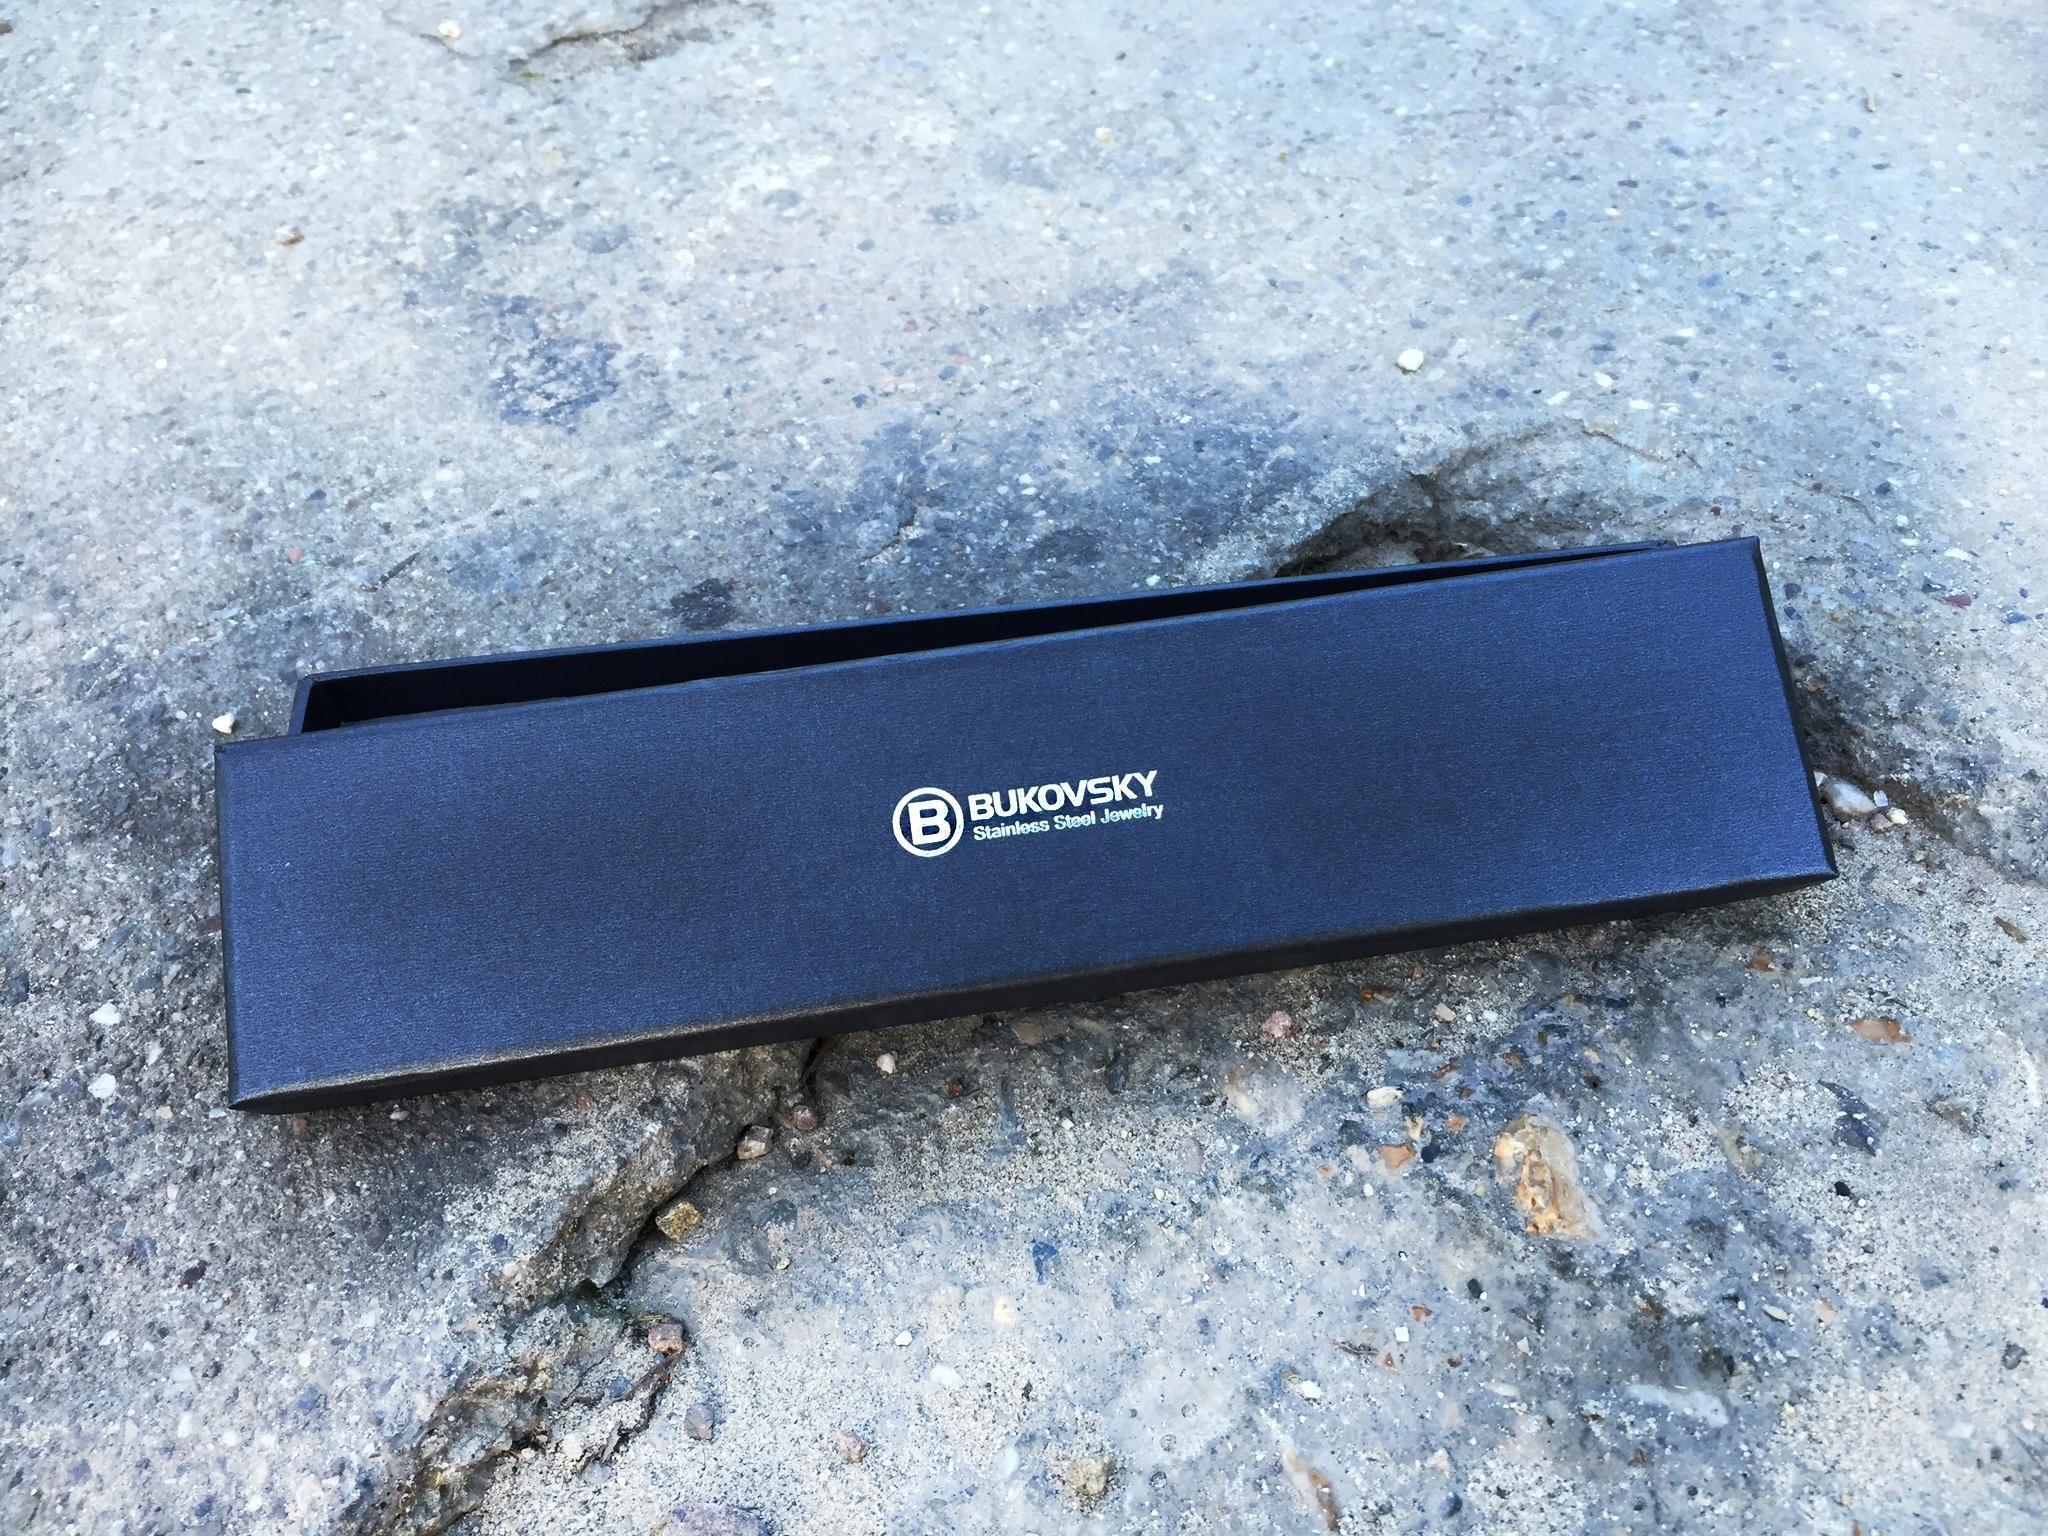 De armband wordt geleverd met een bewaar/geschenkdoosje.